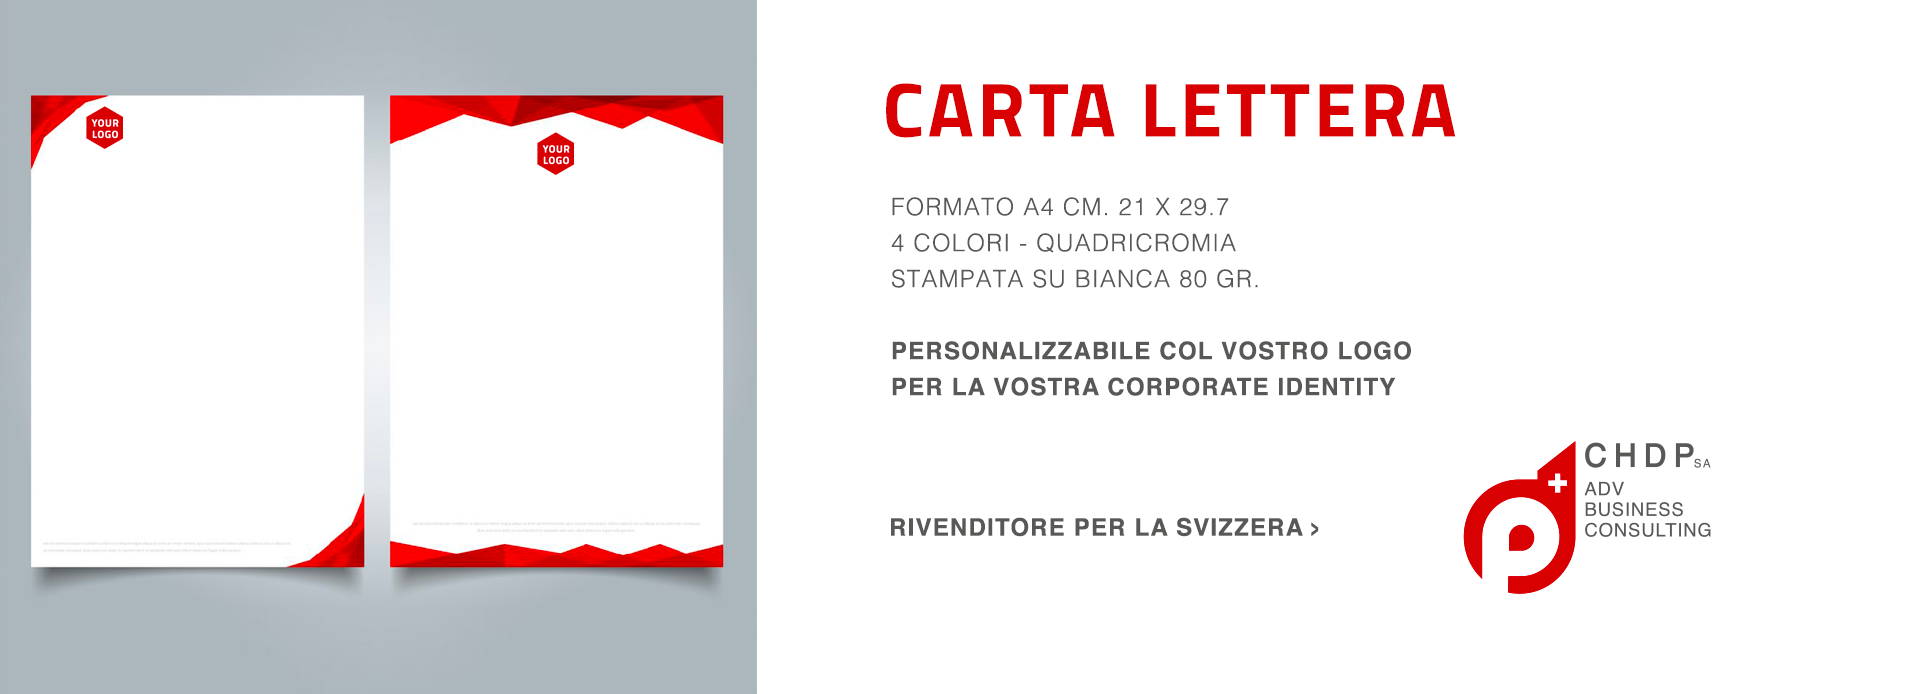 Carta da letetra personalizzabili per la tua azienda in Svizzera